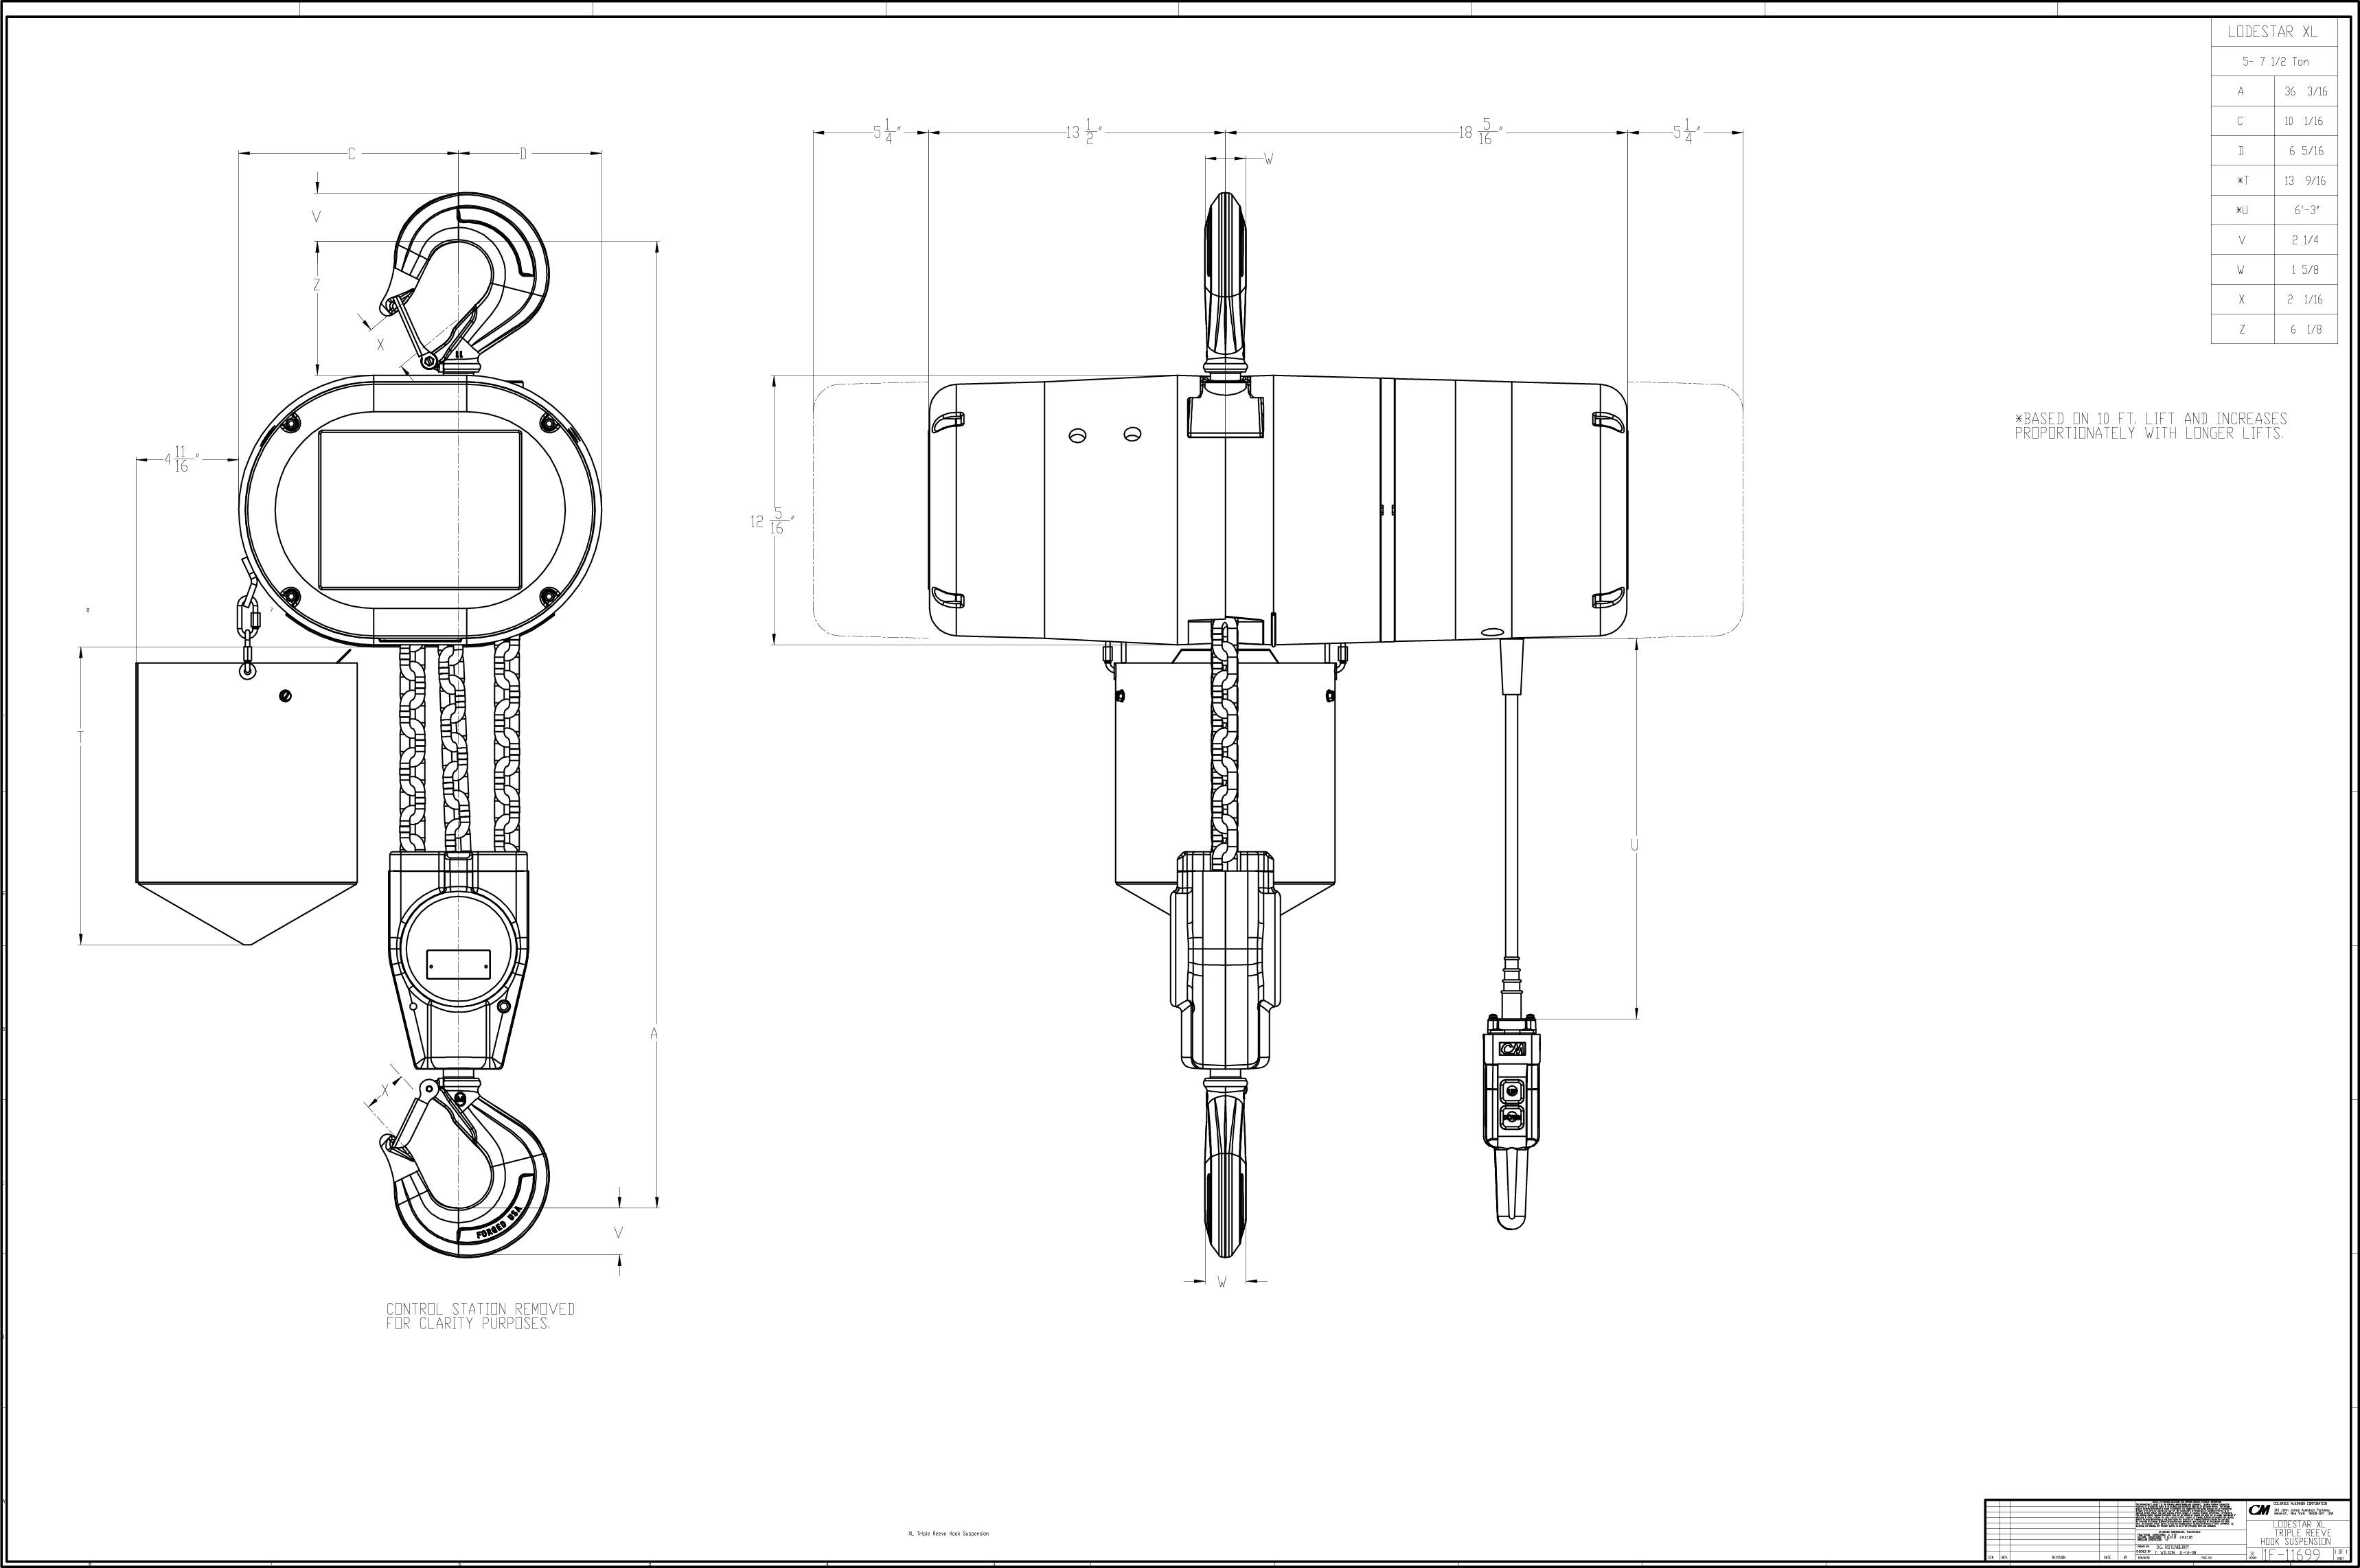 hoist wiring diagram 5 speed